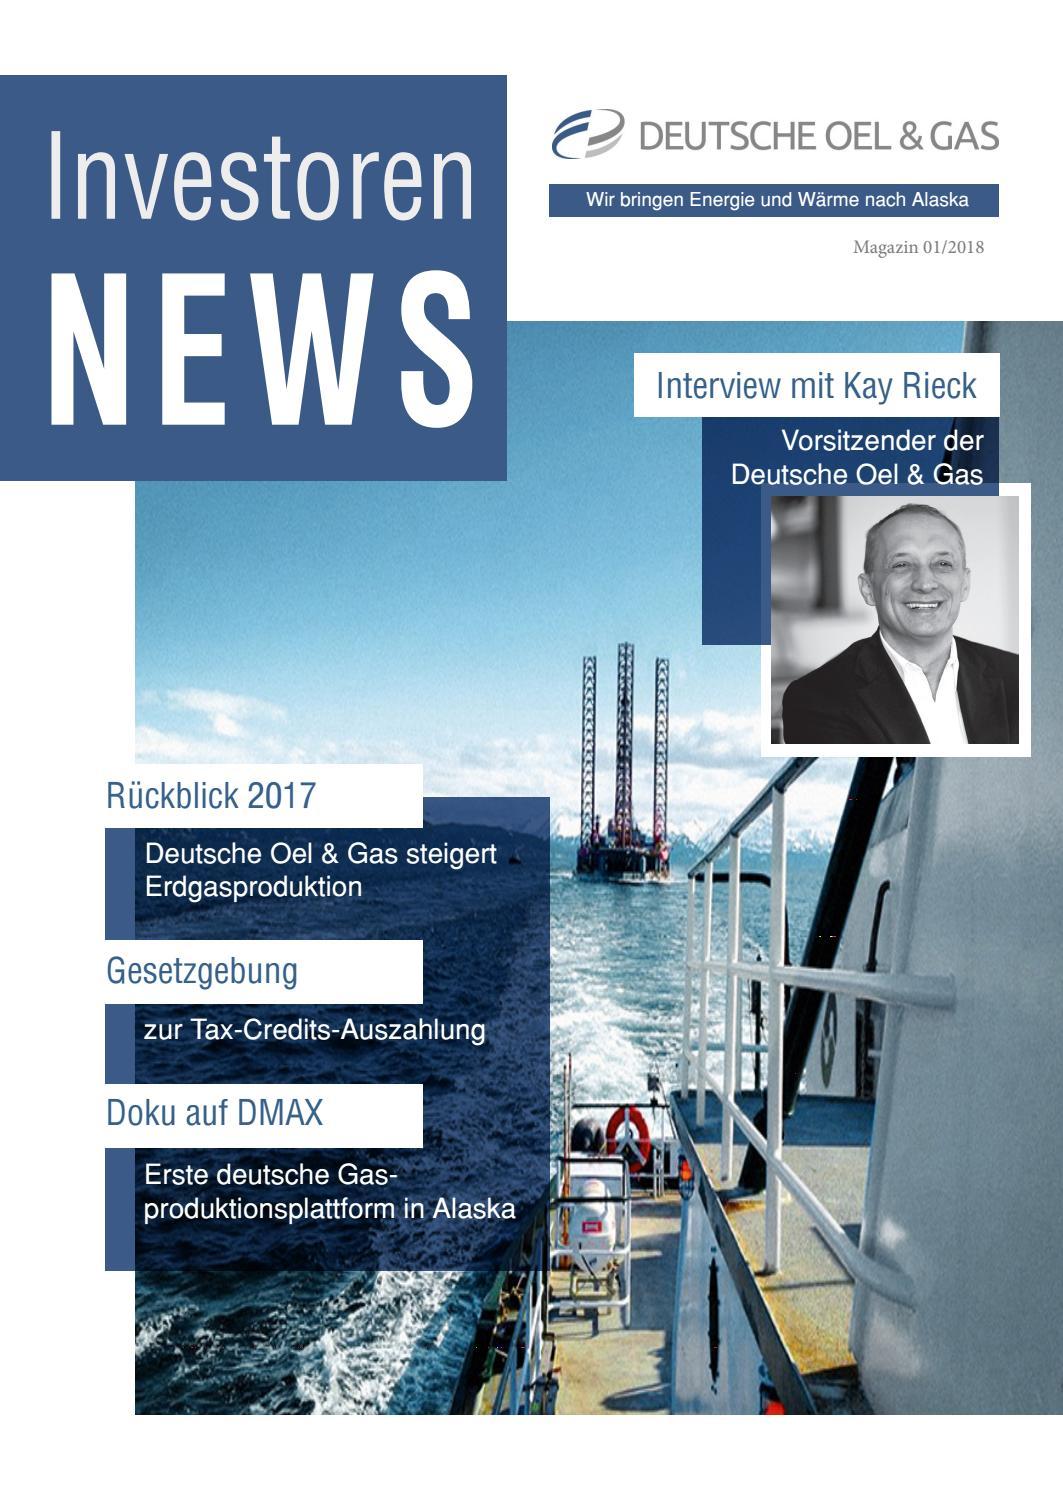 Deutsche öl Und Gas News